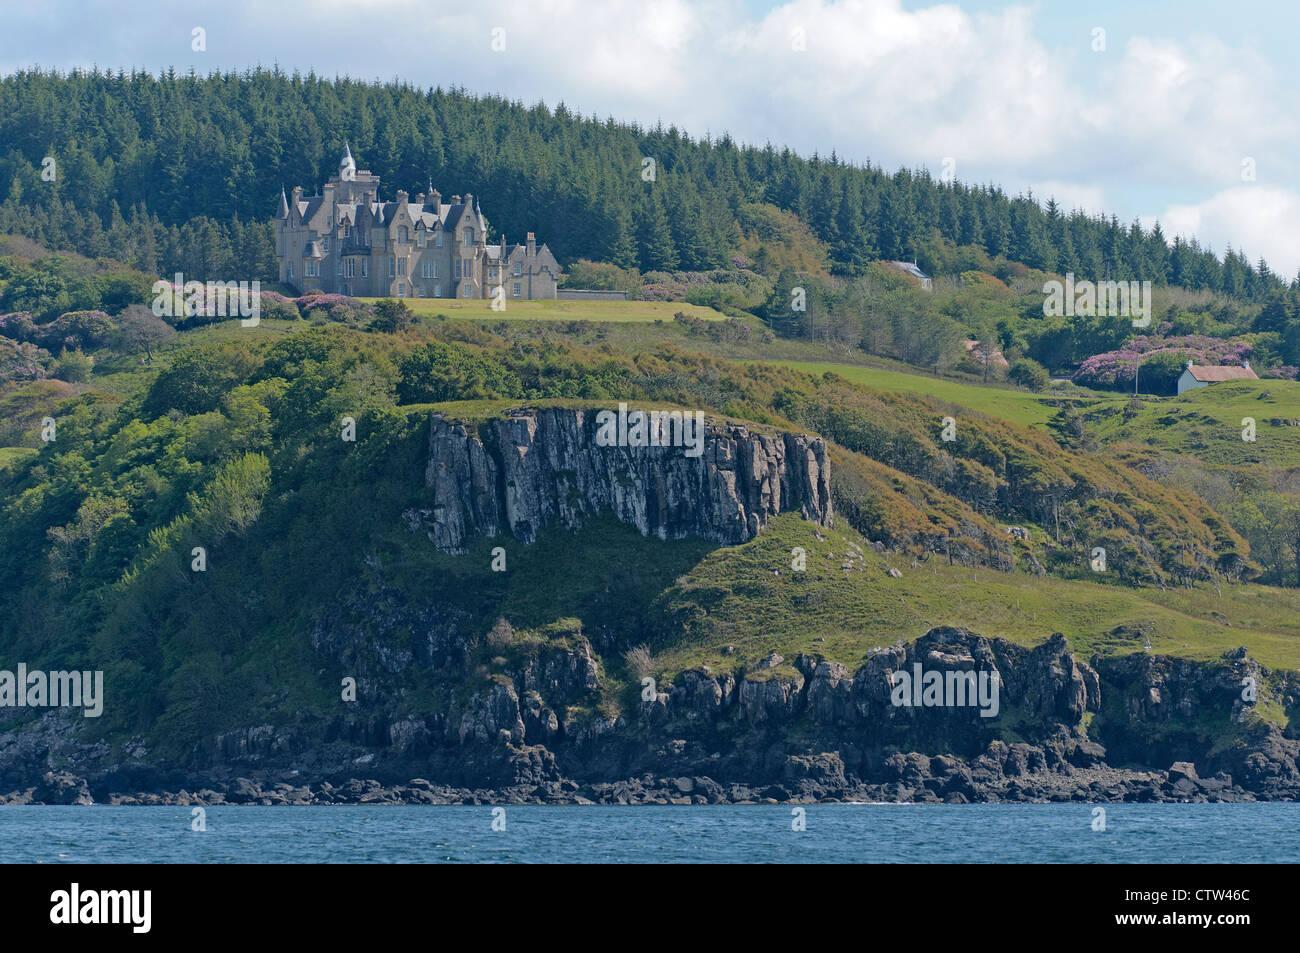 Glengorm Castle on the isle of Mull, Inner Hebrides, Scotland. June 2011. - Stock Image